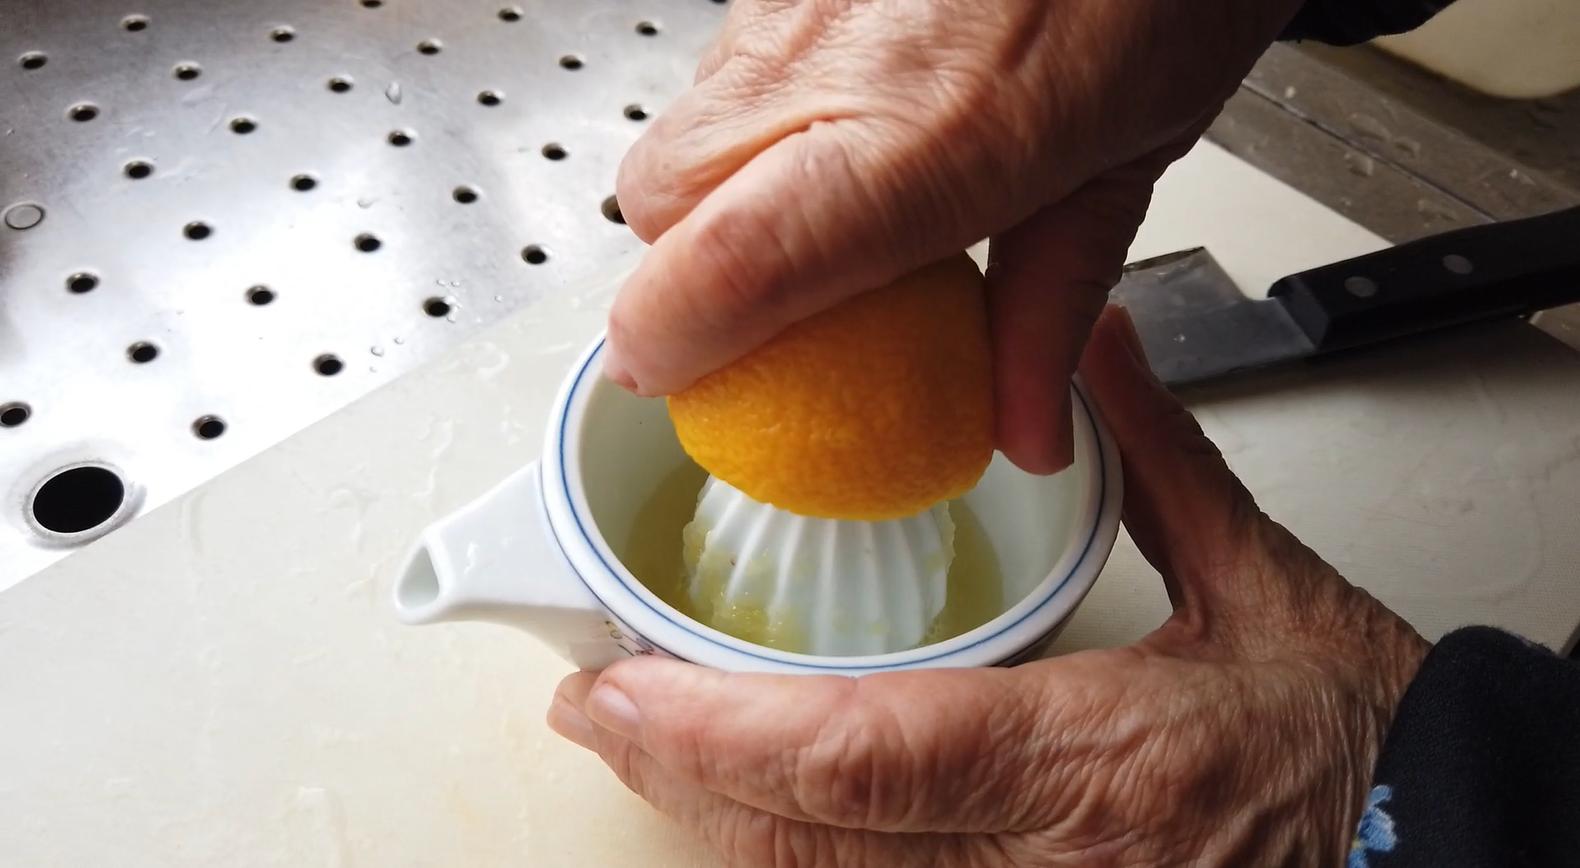 【柿とリンゴのマリネレシピ】2.レモンを搾ります。